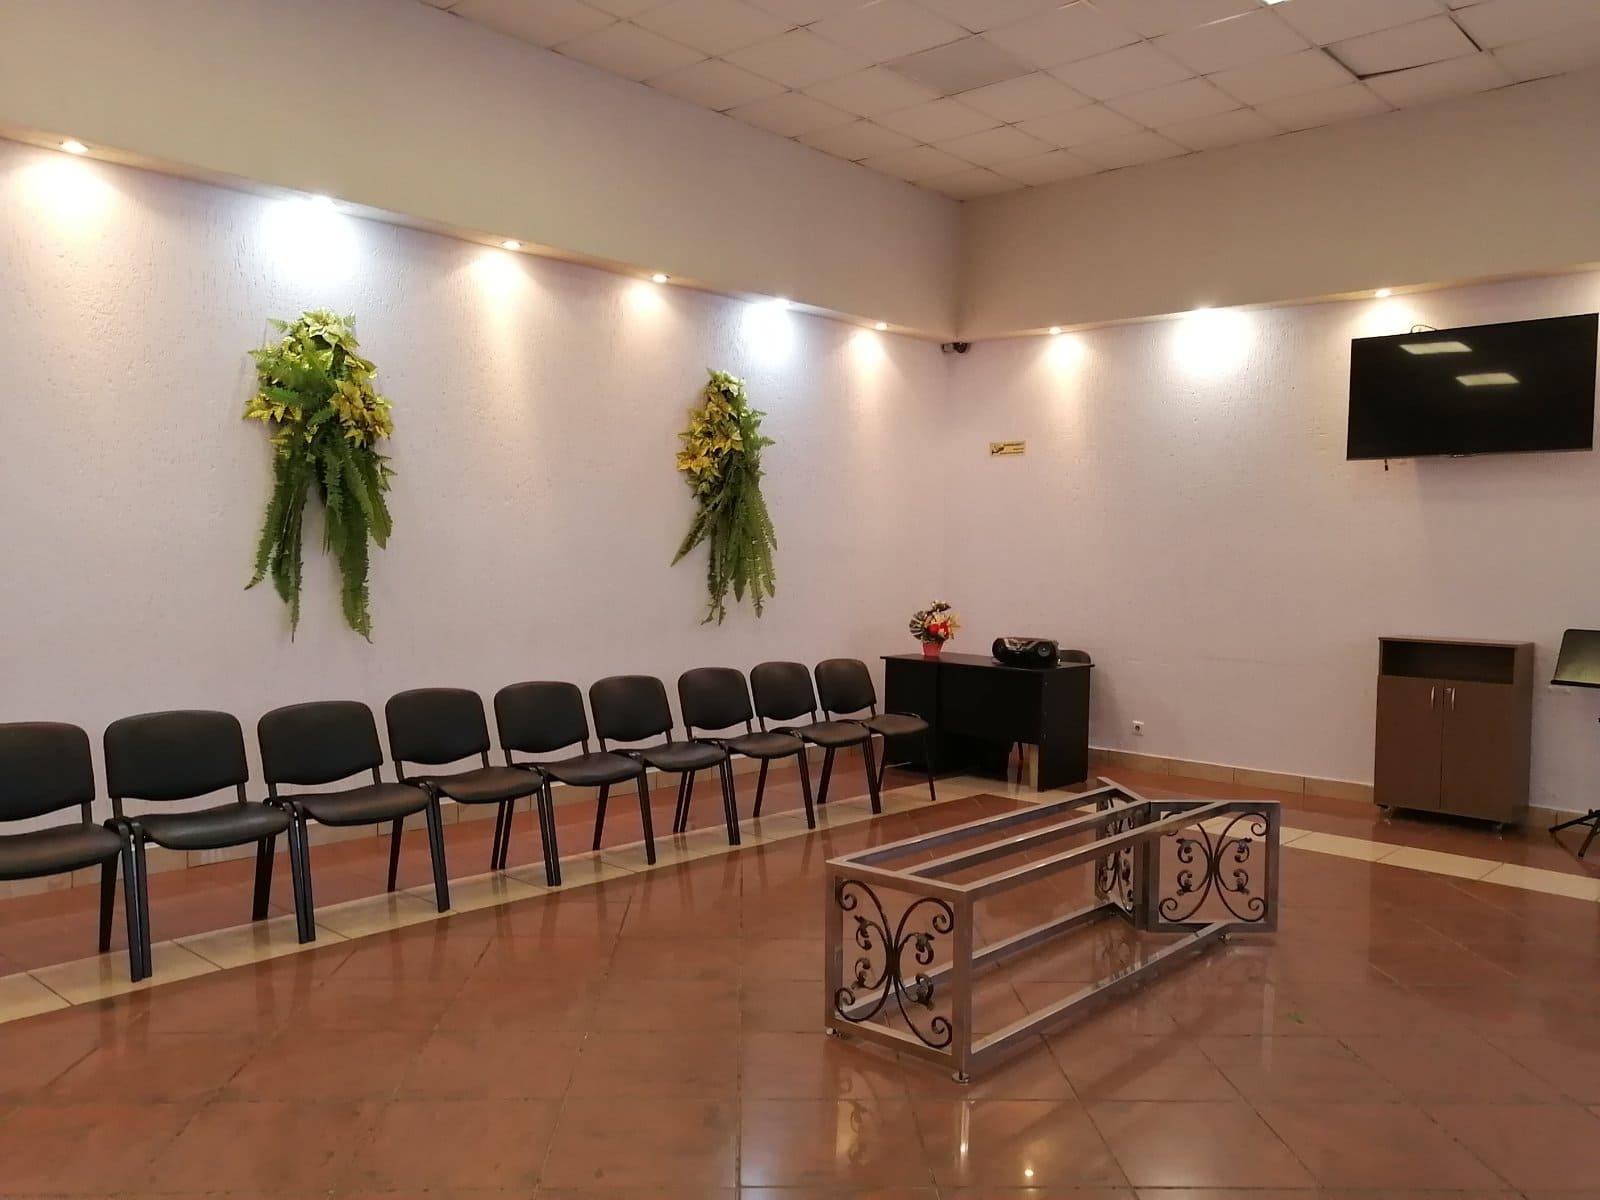 Траурные залы для проведения церемонии прощания в Минске